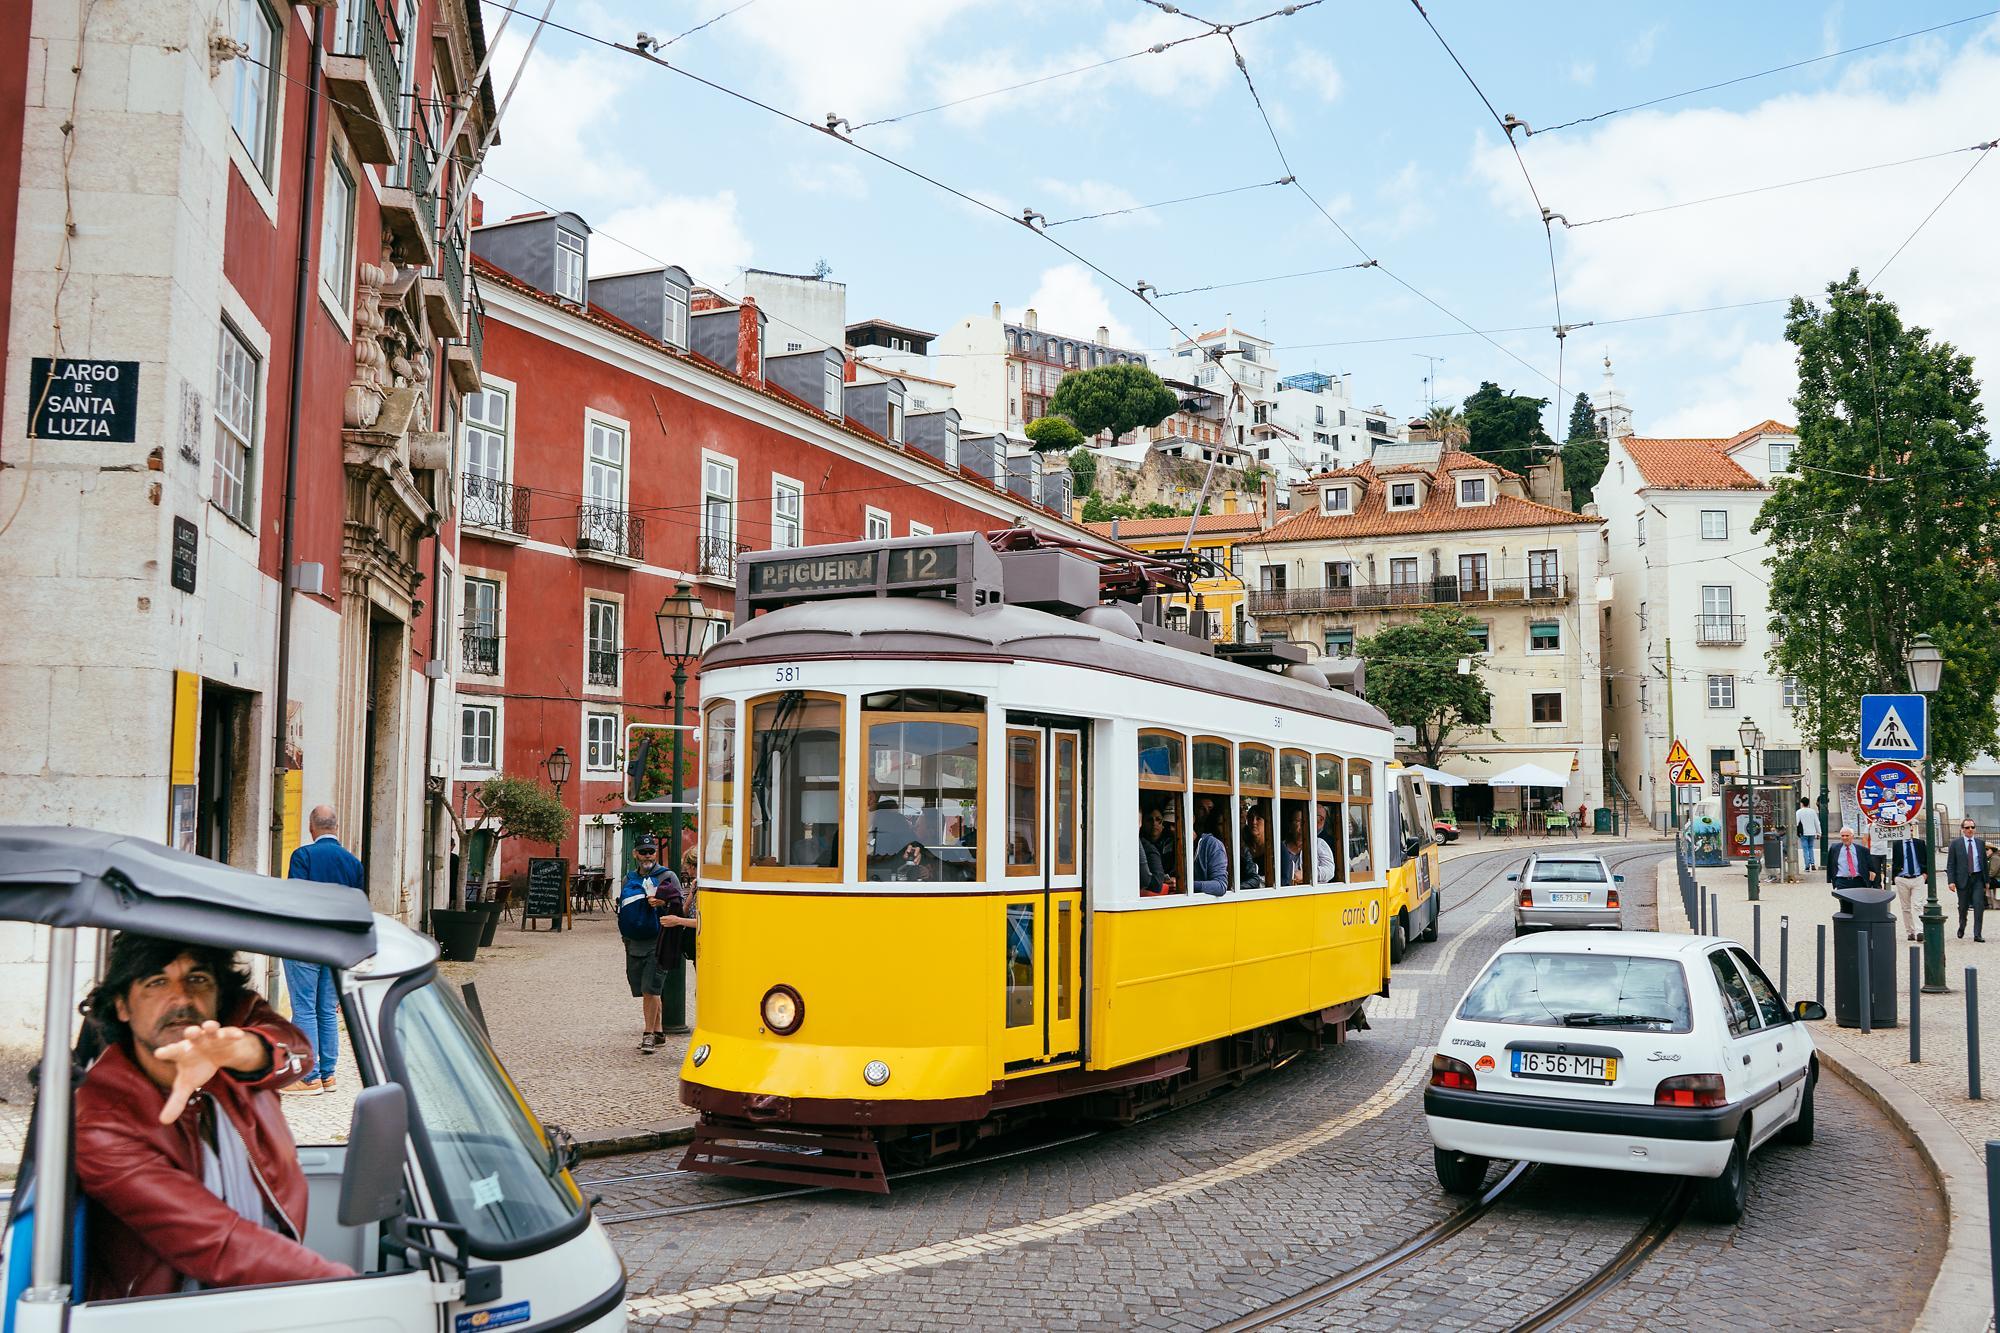 Portugal-familytravel-5.jpg